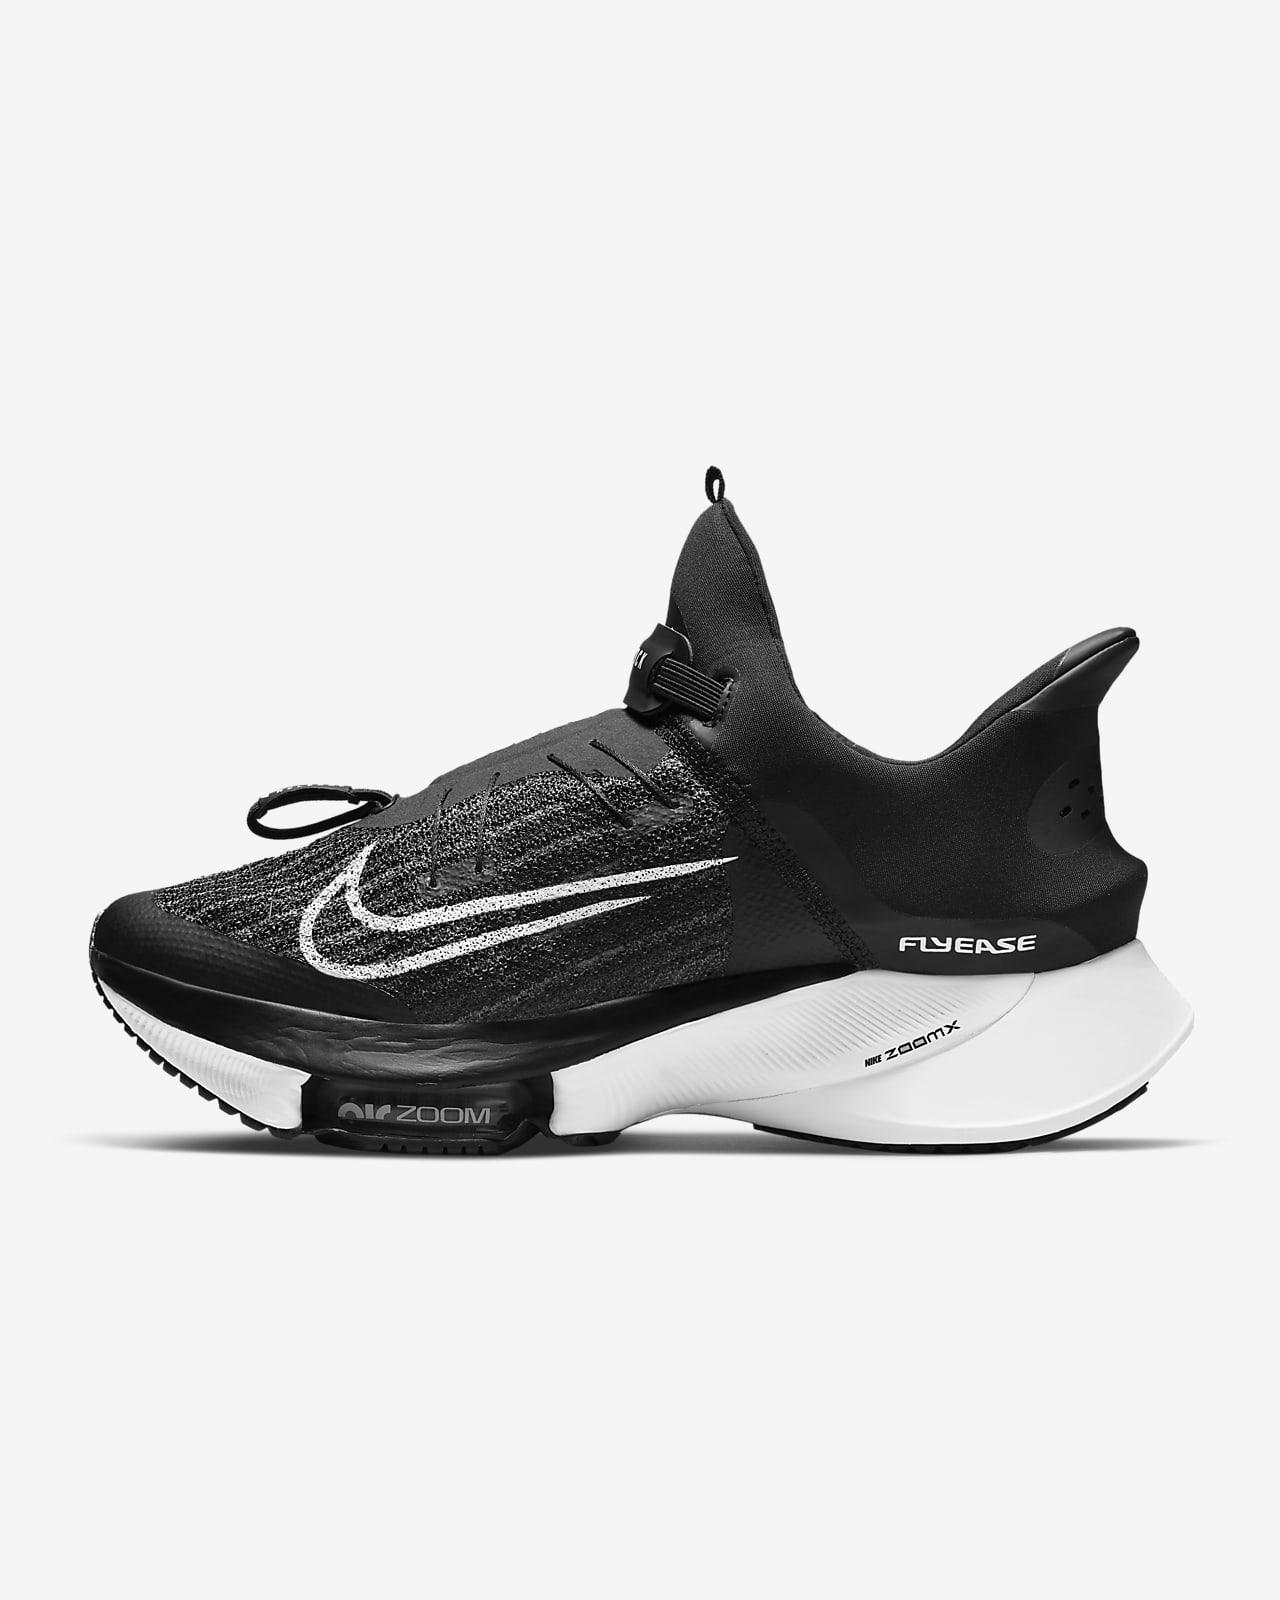 Nike Air Zoom Tempo NEXT% FlyEase Herren-Straßenlaufschuh für einfaches An- und Ausziehen